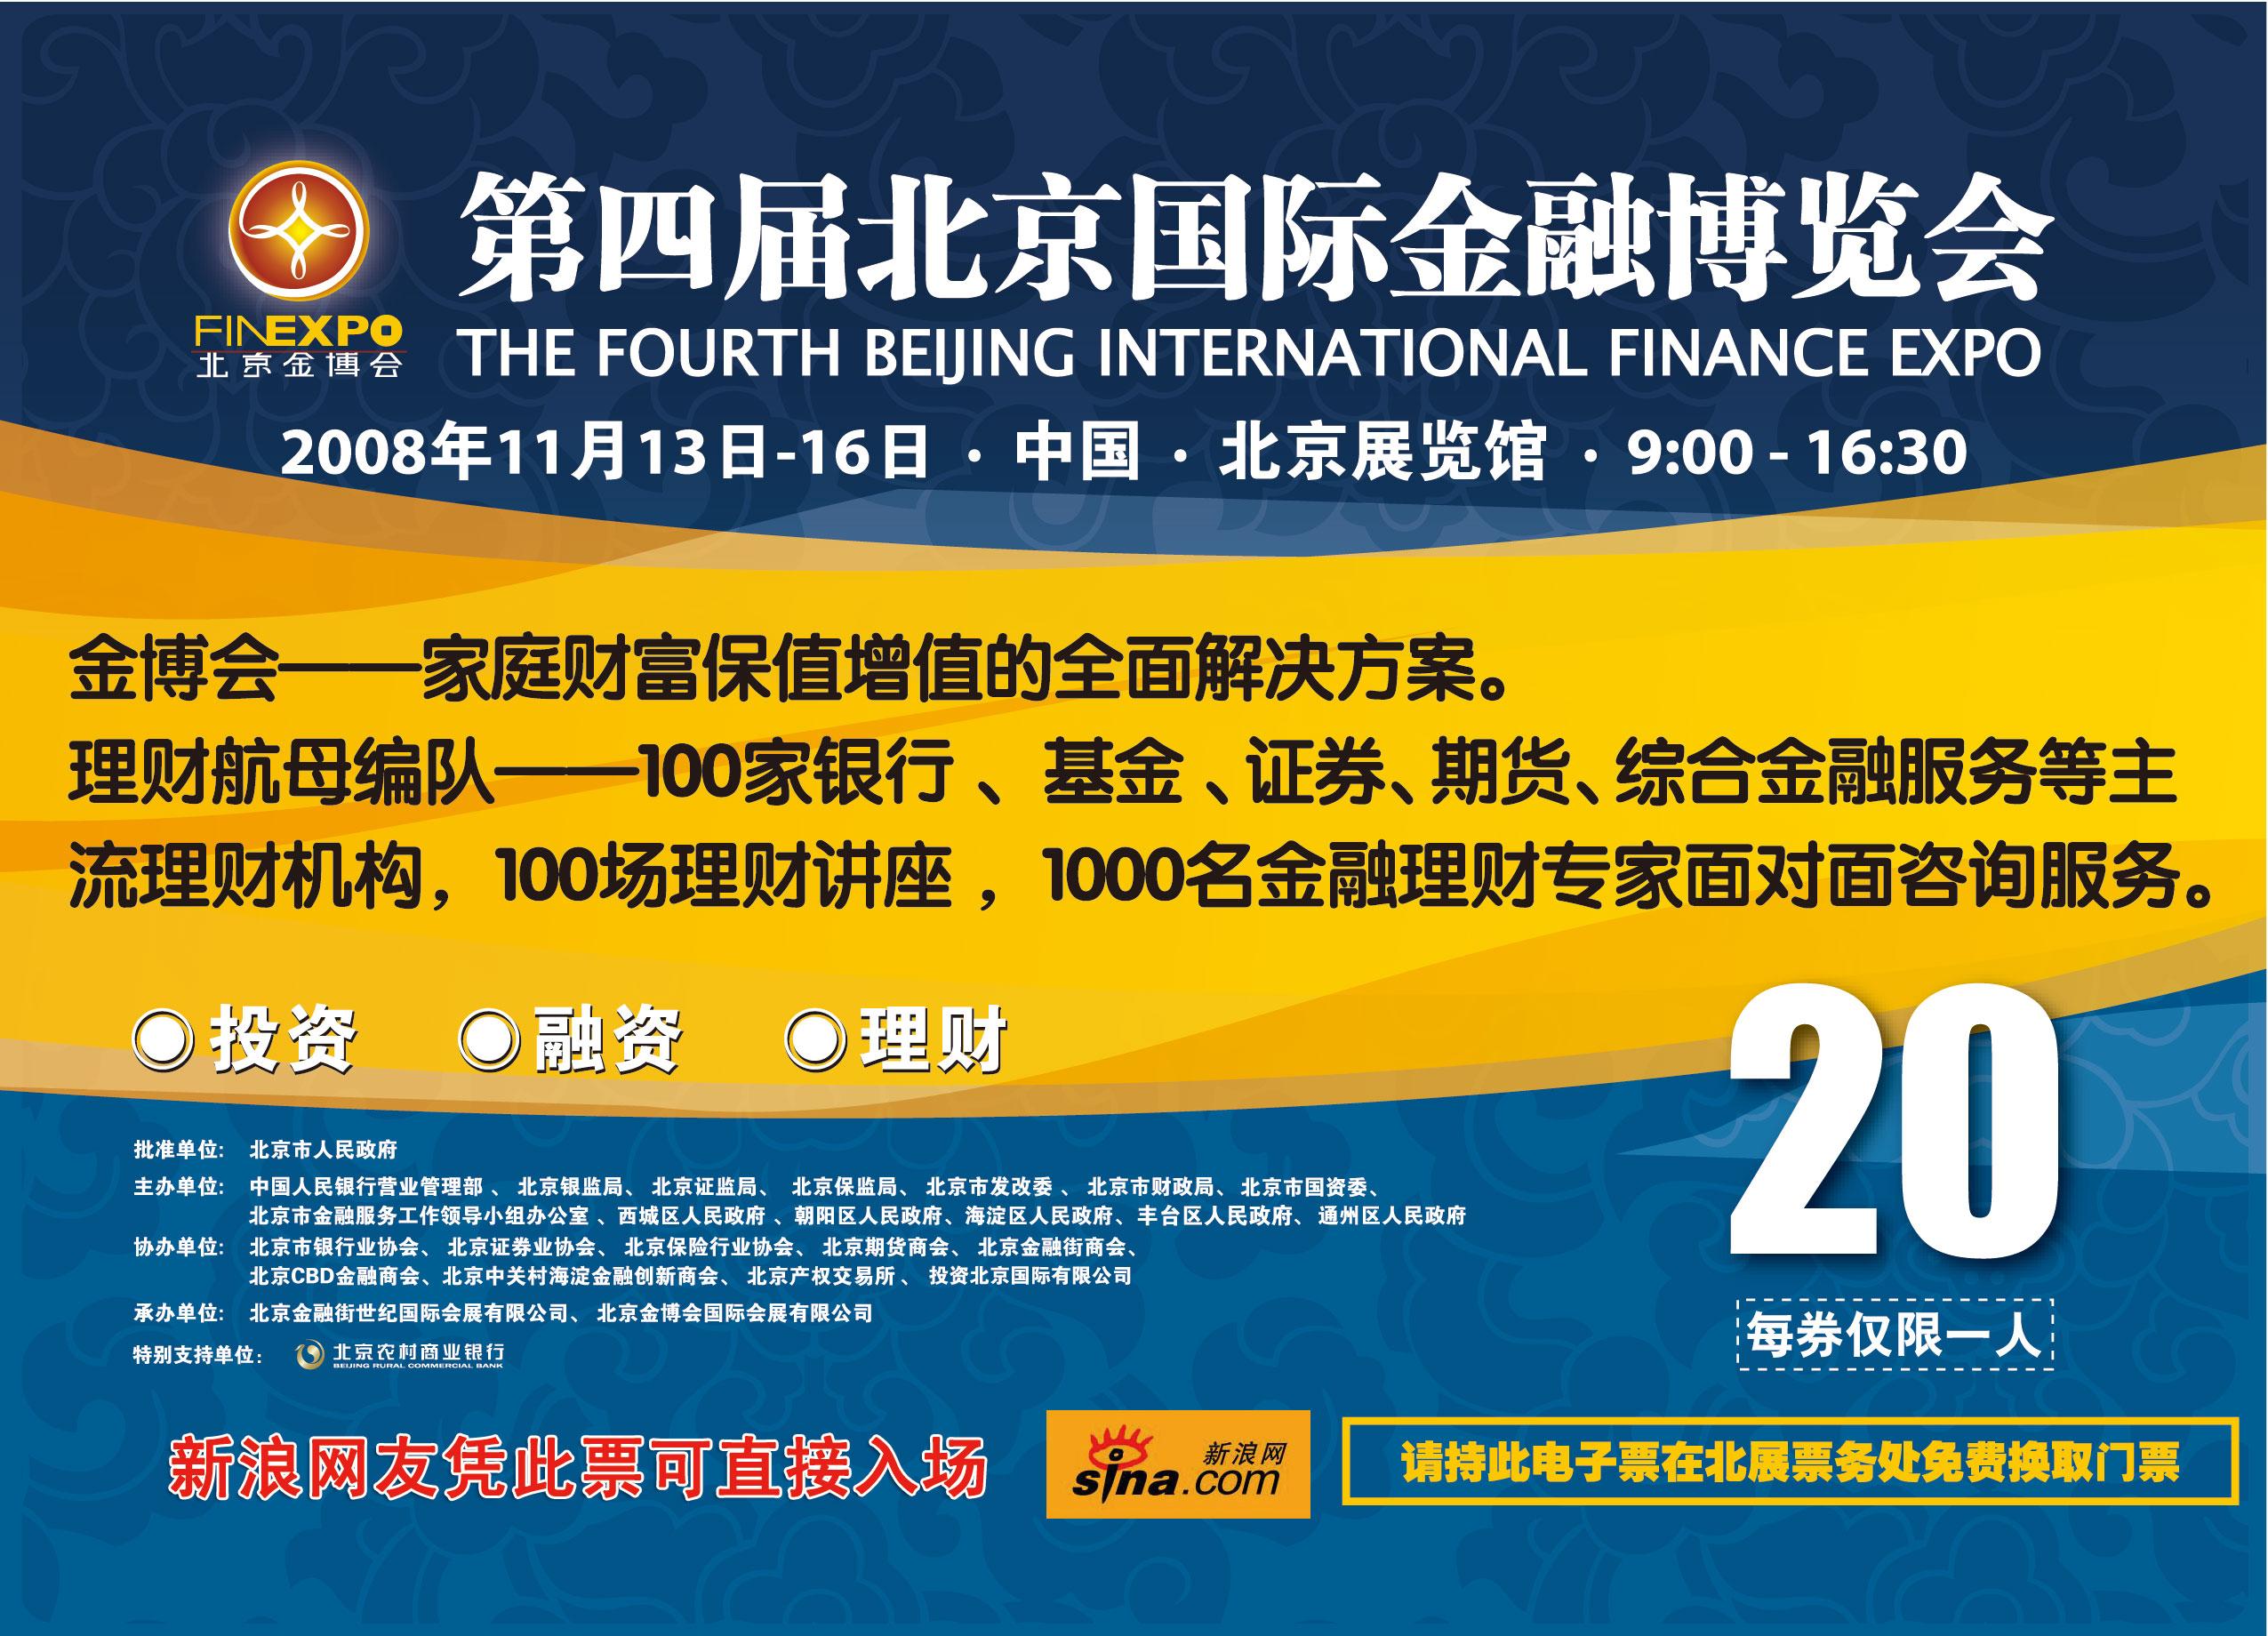 北京金博会免费电子票下载